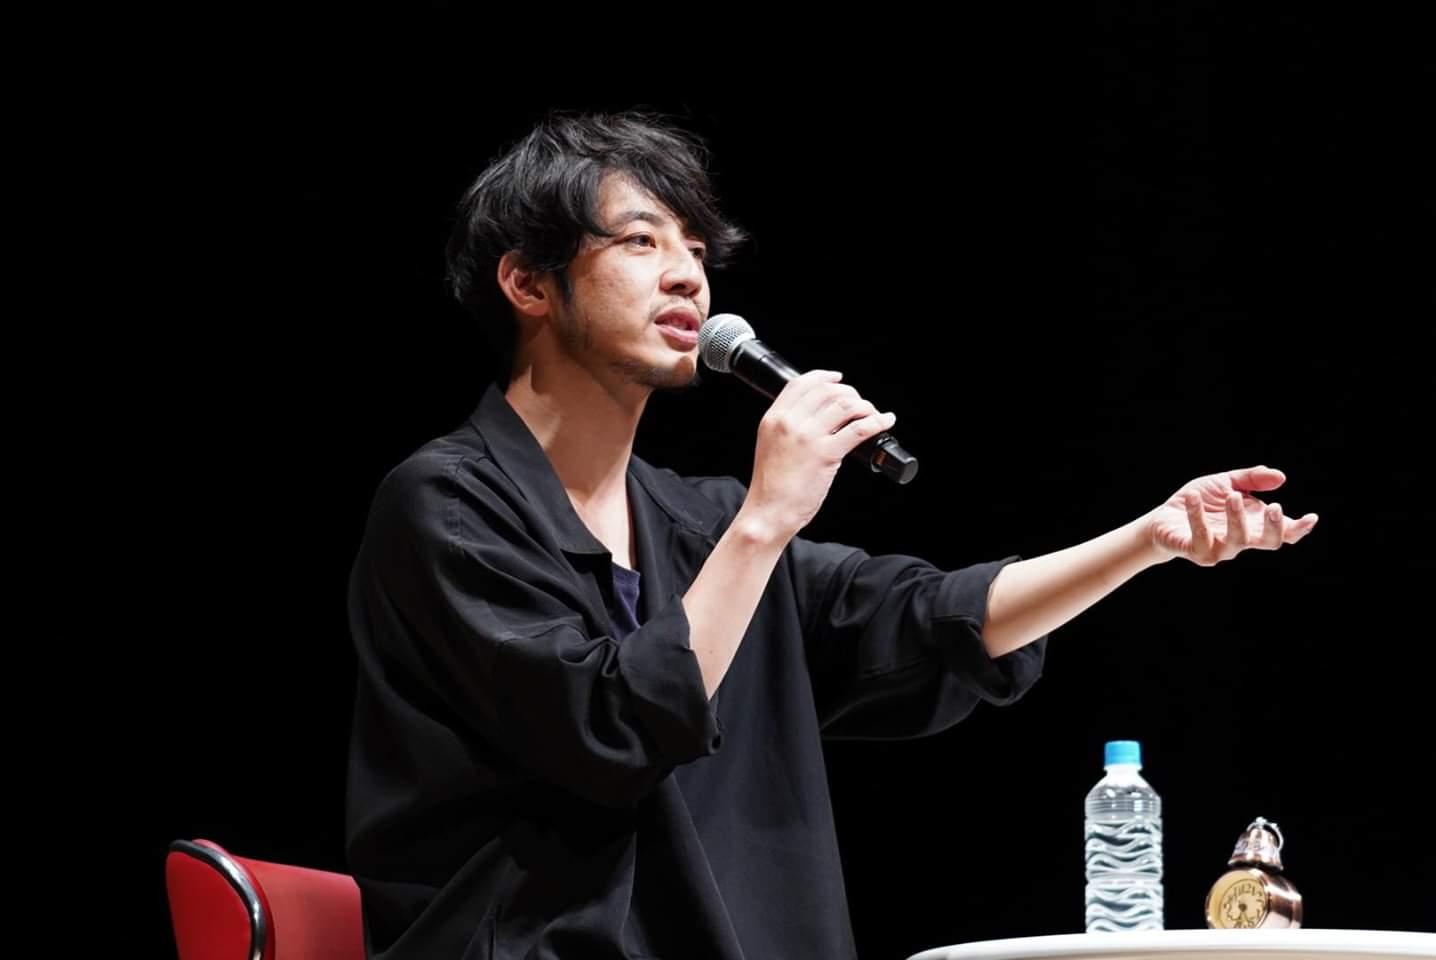 9月16日西野亮廣講演会 in 大阪を大成功させたい!